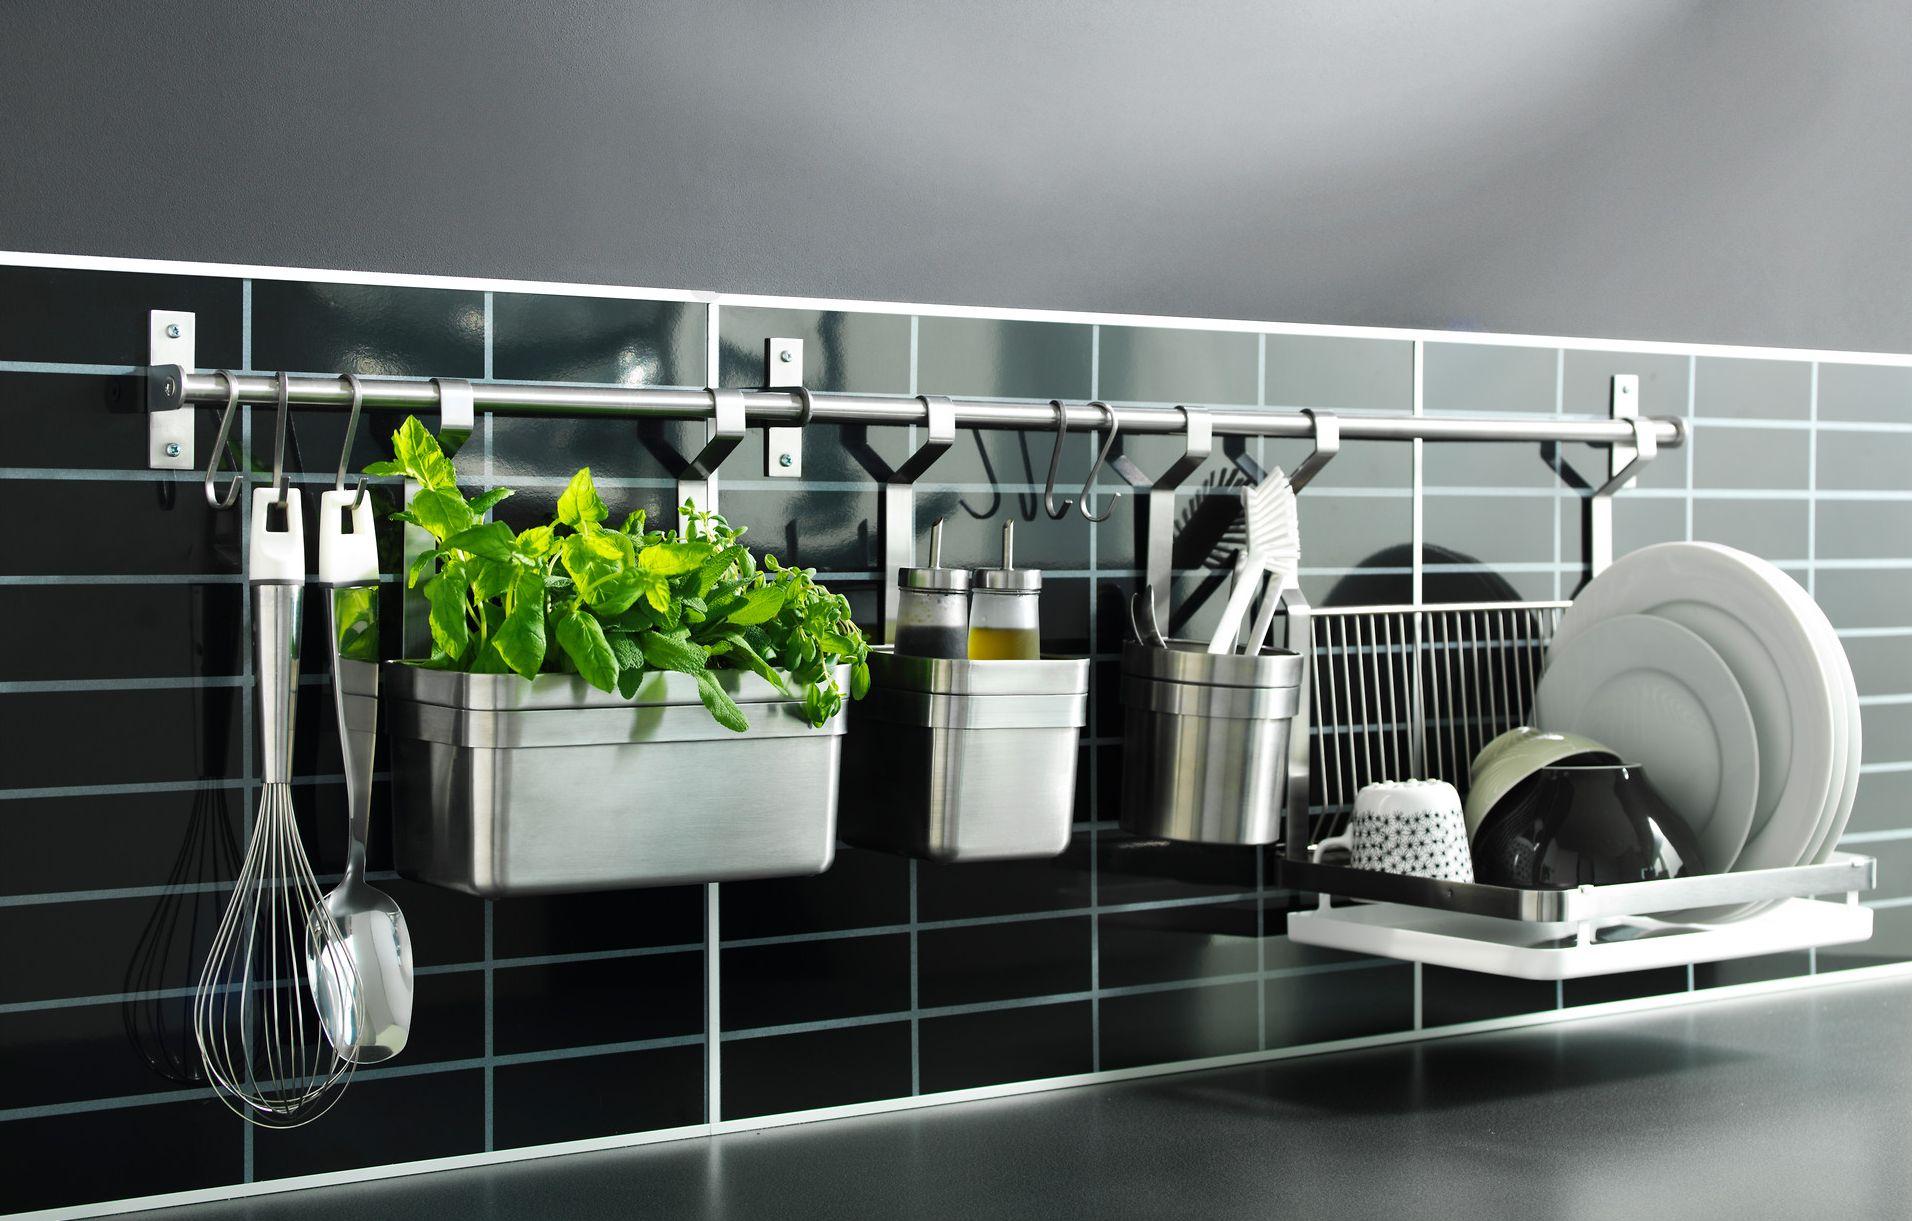 30 Έξυπνες Συμβουλές και Ιδέες αποθήκευσης και Οργάνωσης Κουζίνας